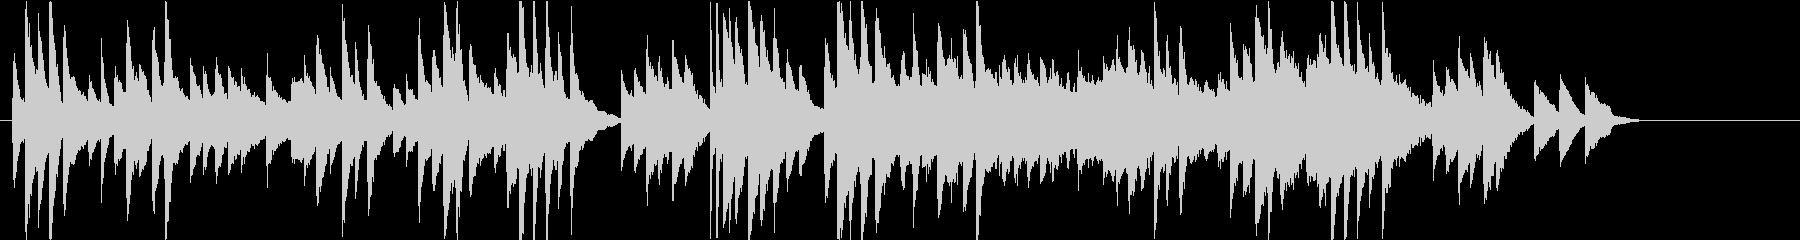 感動的なシーンに流れるピアノバラードの未再生の波形